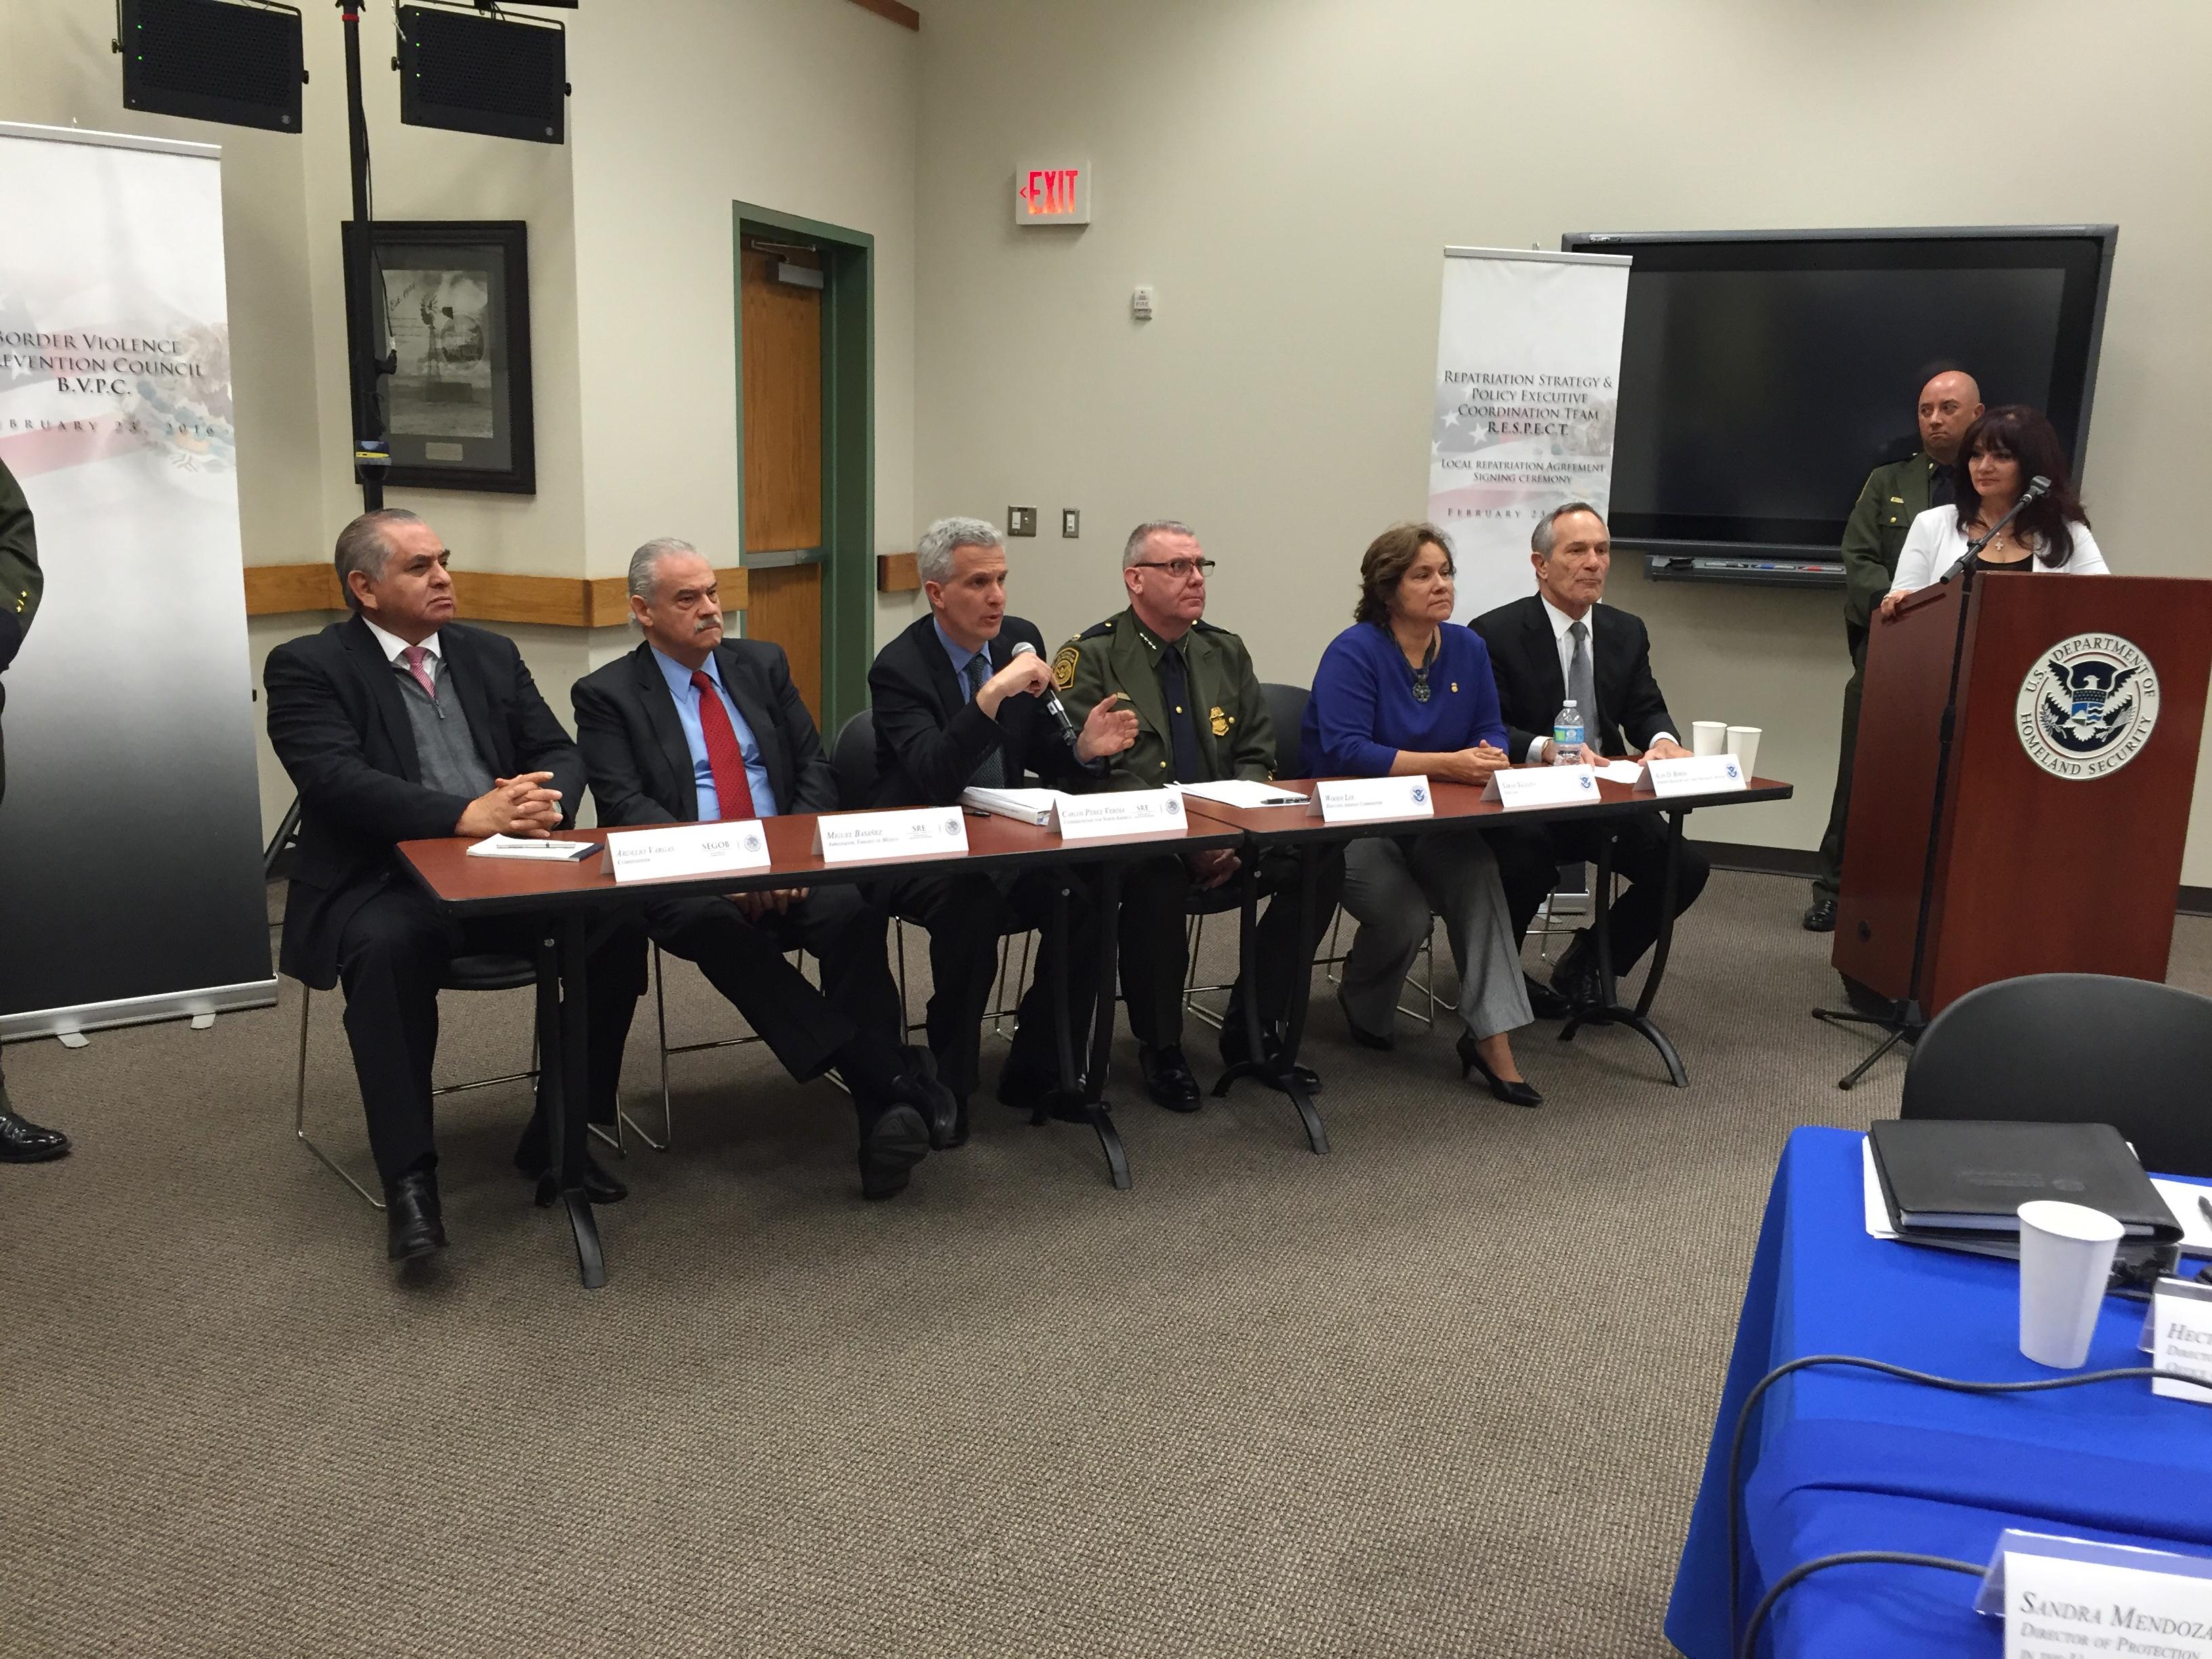 Representates de los gobiernos de México y Estados Unidos celebraron la cuarta reunión del Grupo Ejecutivo de Políticas de Repatriación en El Paso, Texas